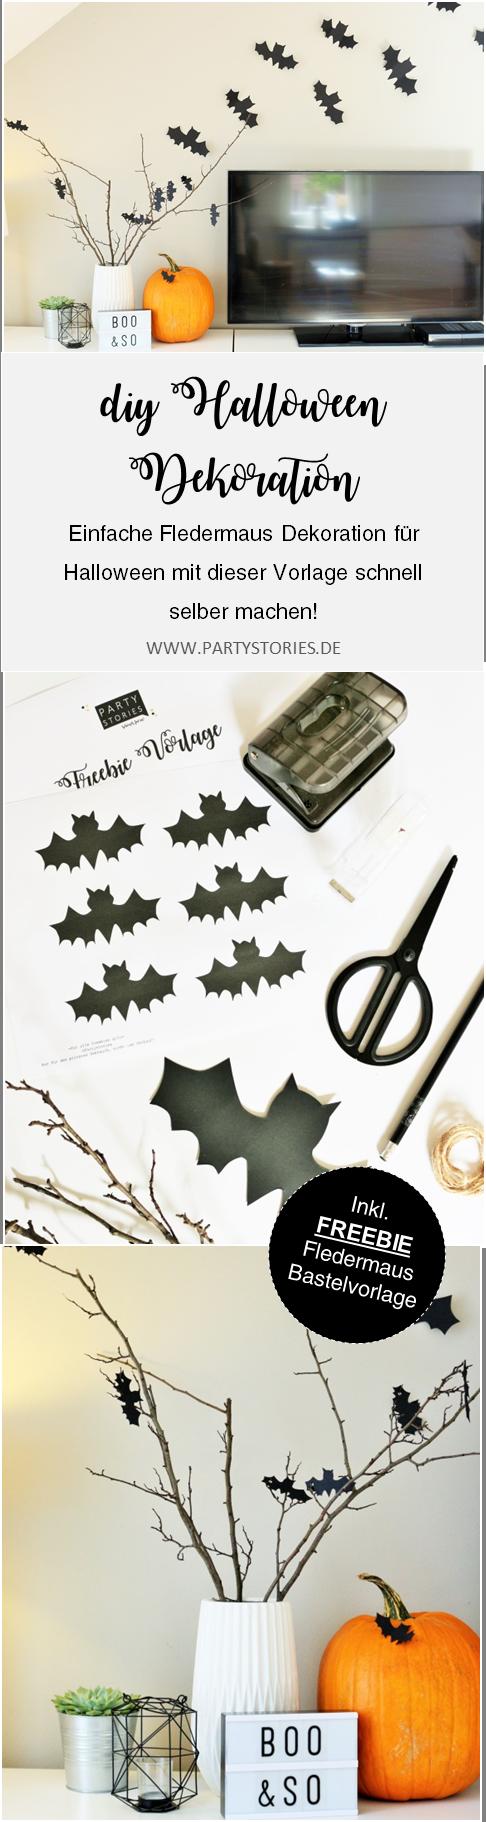 Bild: Eine schnelle last-minute Idee für Halloween Dekoration: Mit dieser Freebie Bastelvorlage Fledermaus Halloween Deko einfach selber machen! Gefunden auf www.partystories.de